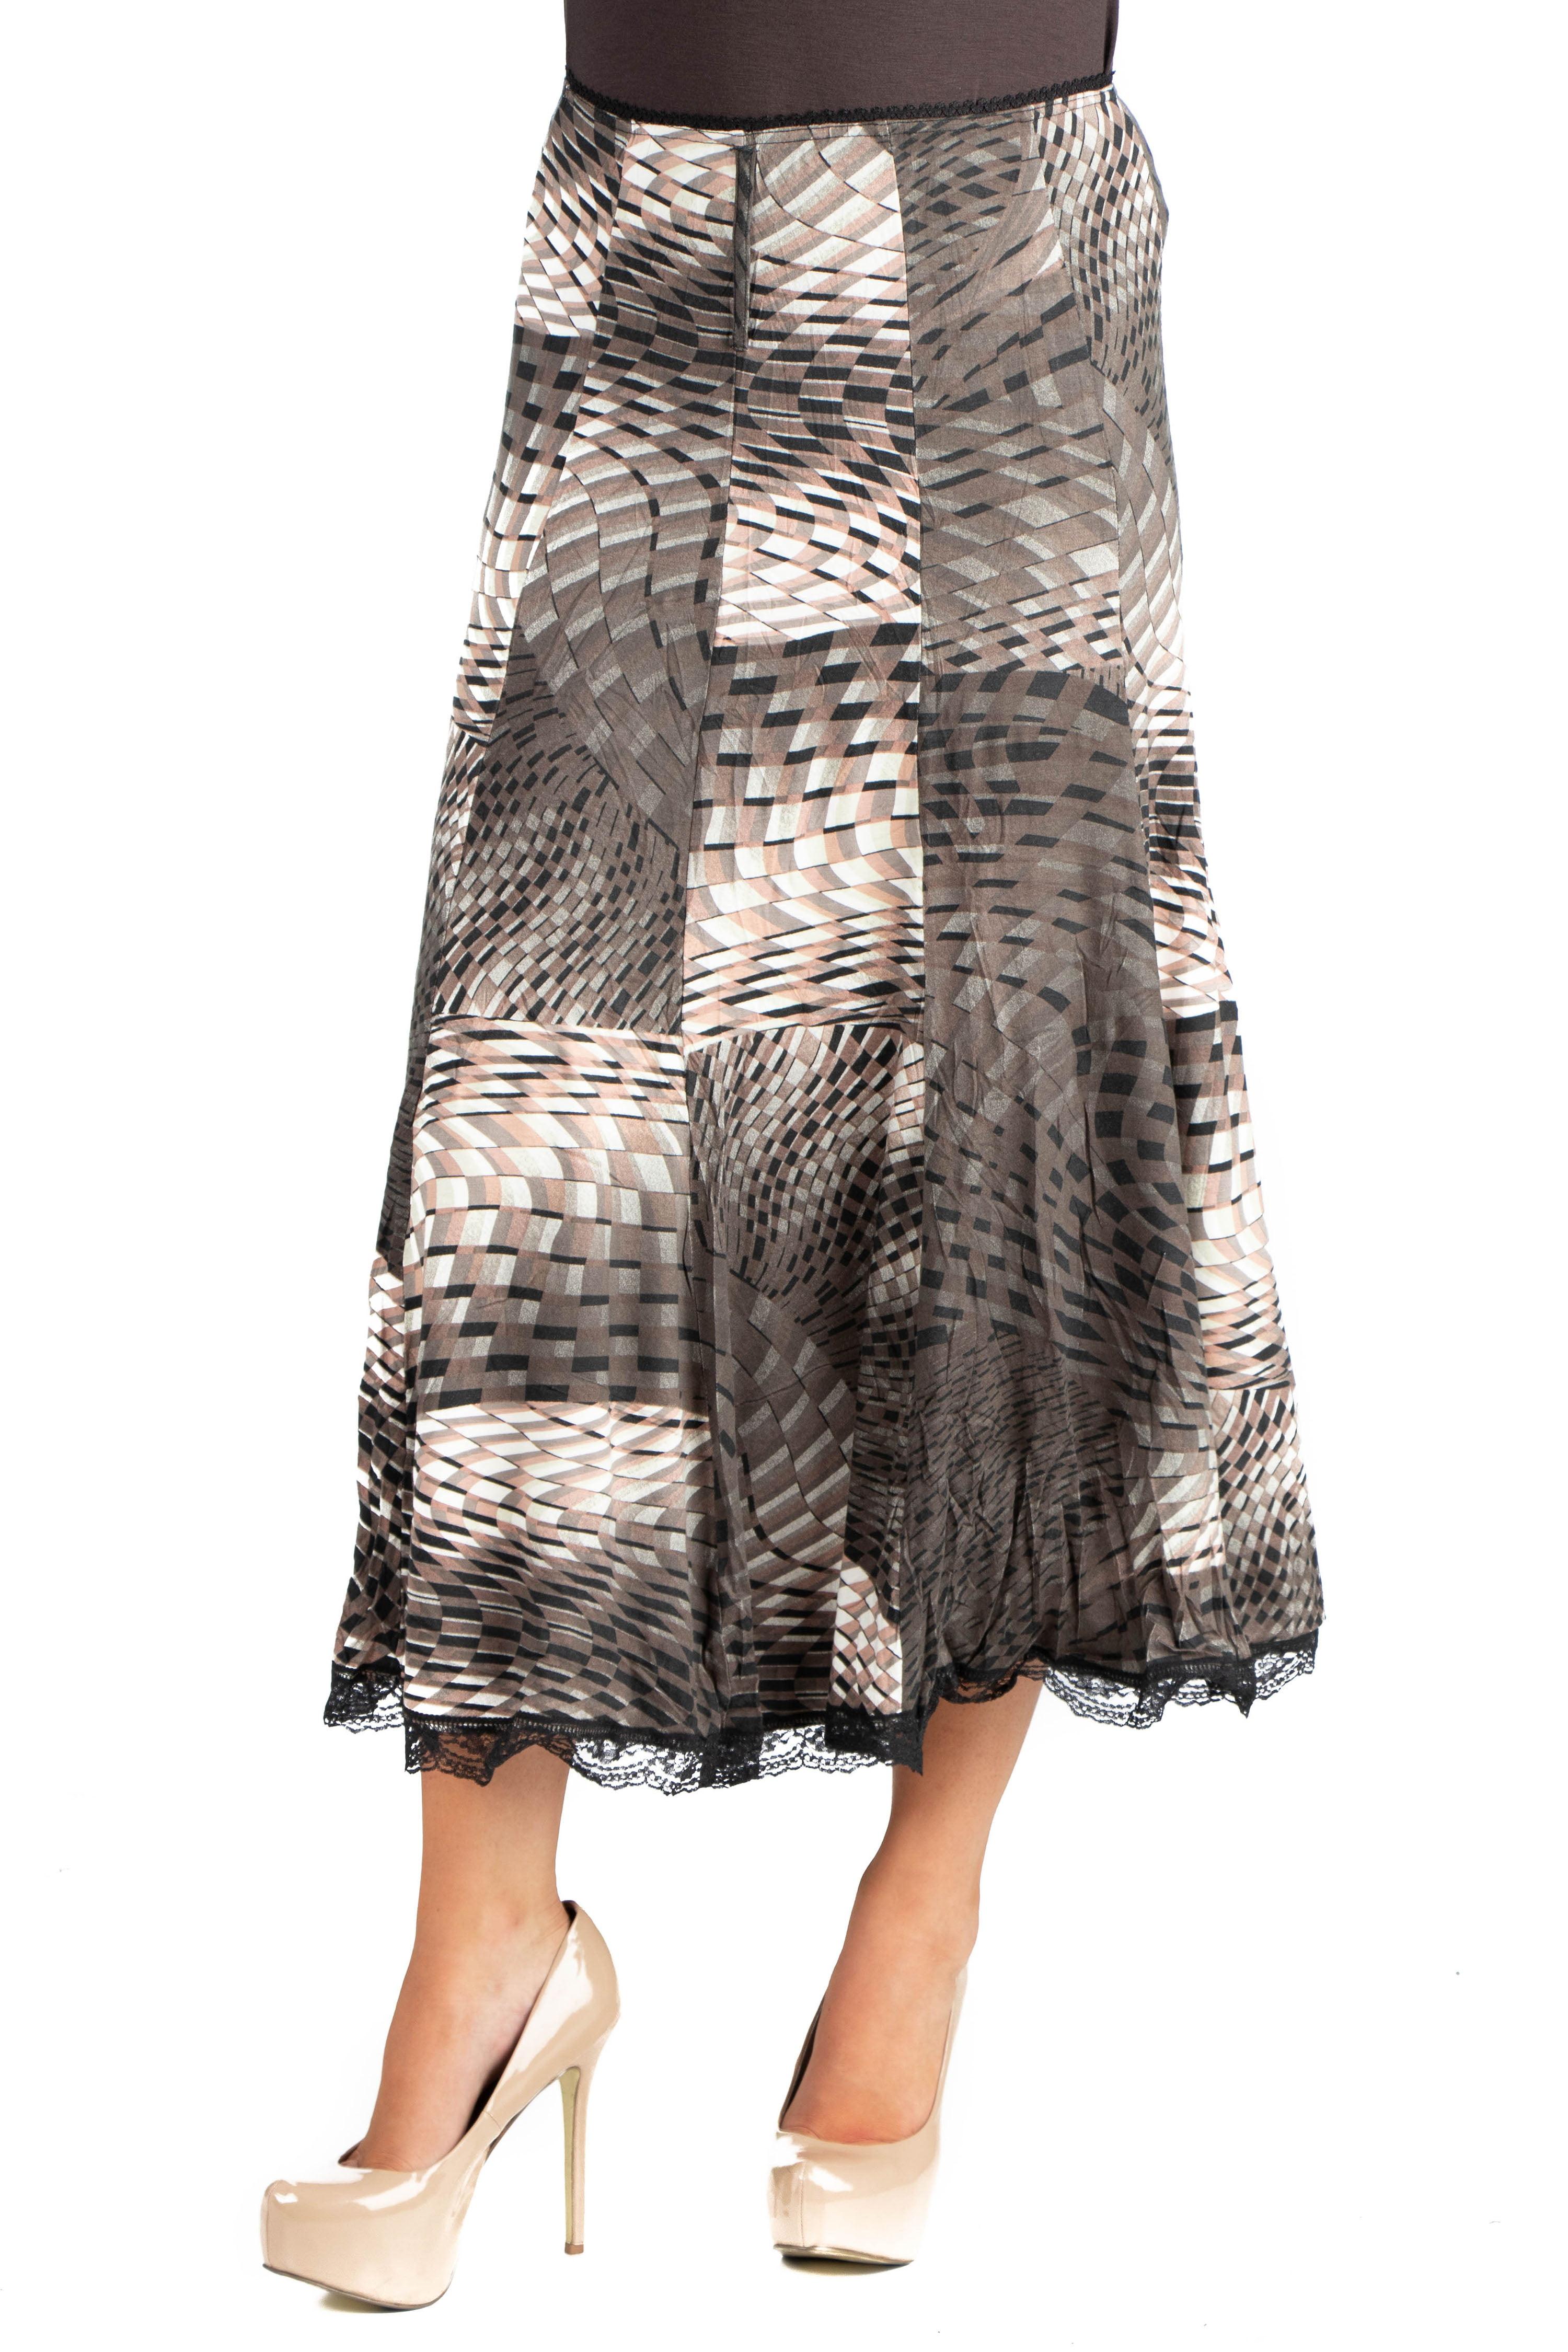 58c09648b9 24/7 Comfort Apparel - 24seven Comfort Apparel Flowy Geometric Print Midi  Skirt - Walmart.com